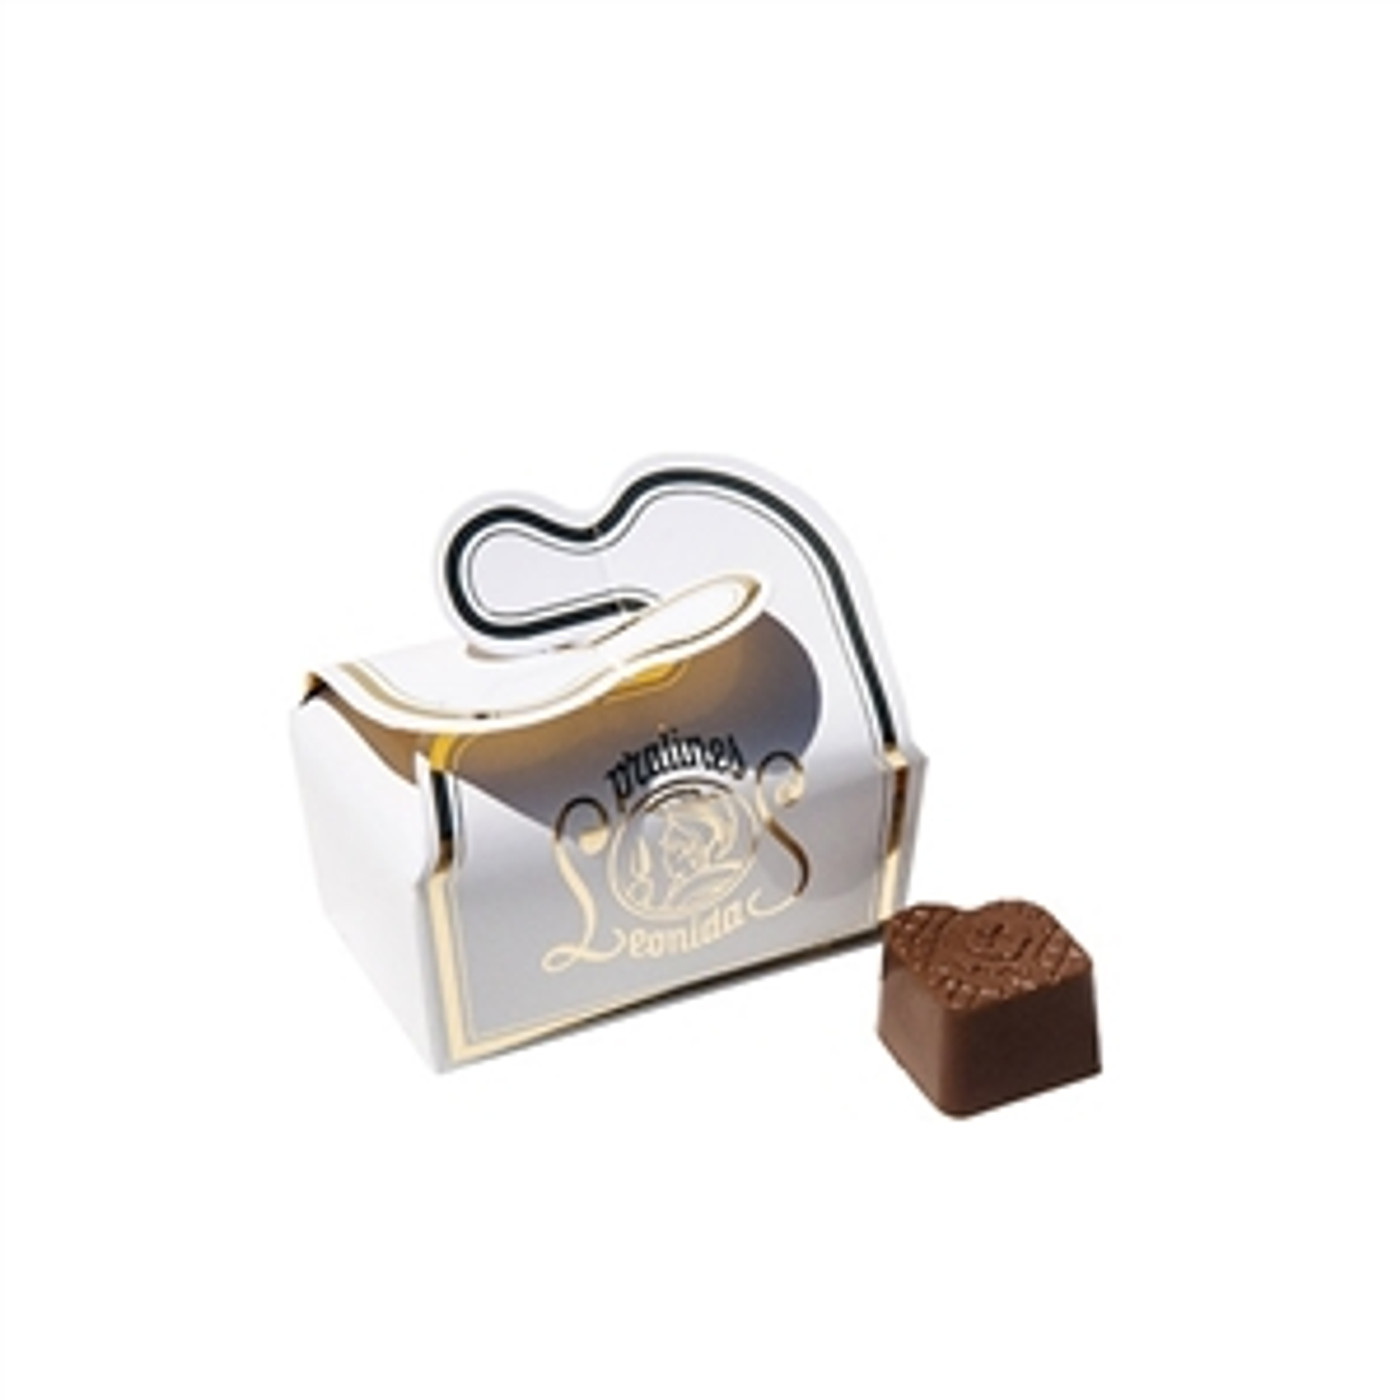 Ballotin 2 chocolate-piece